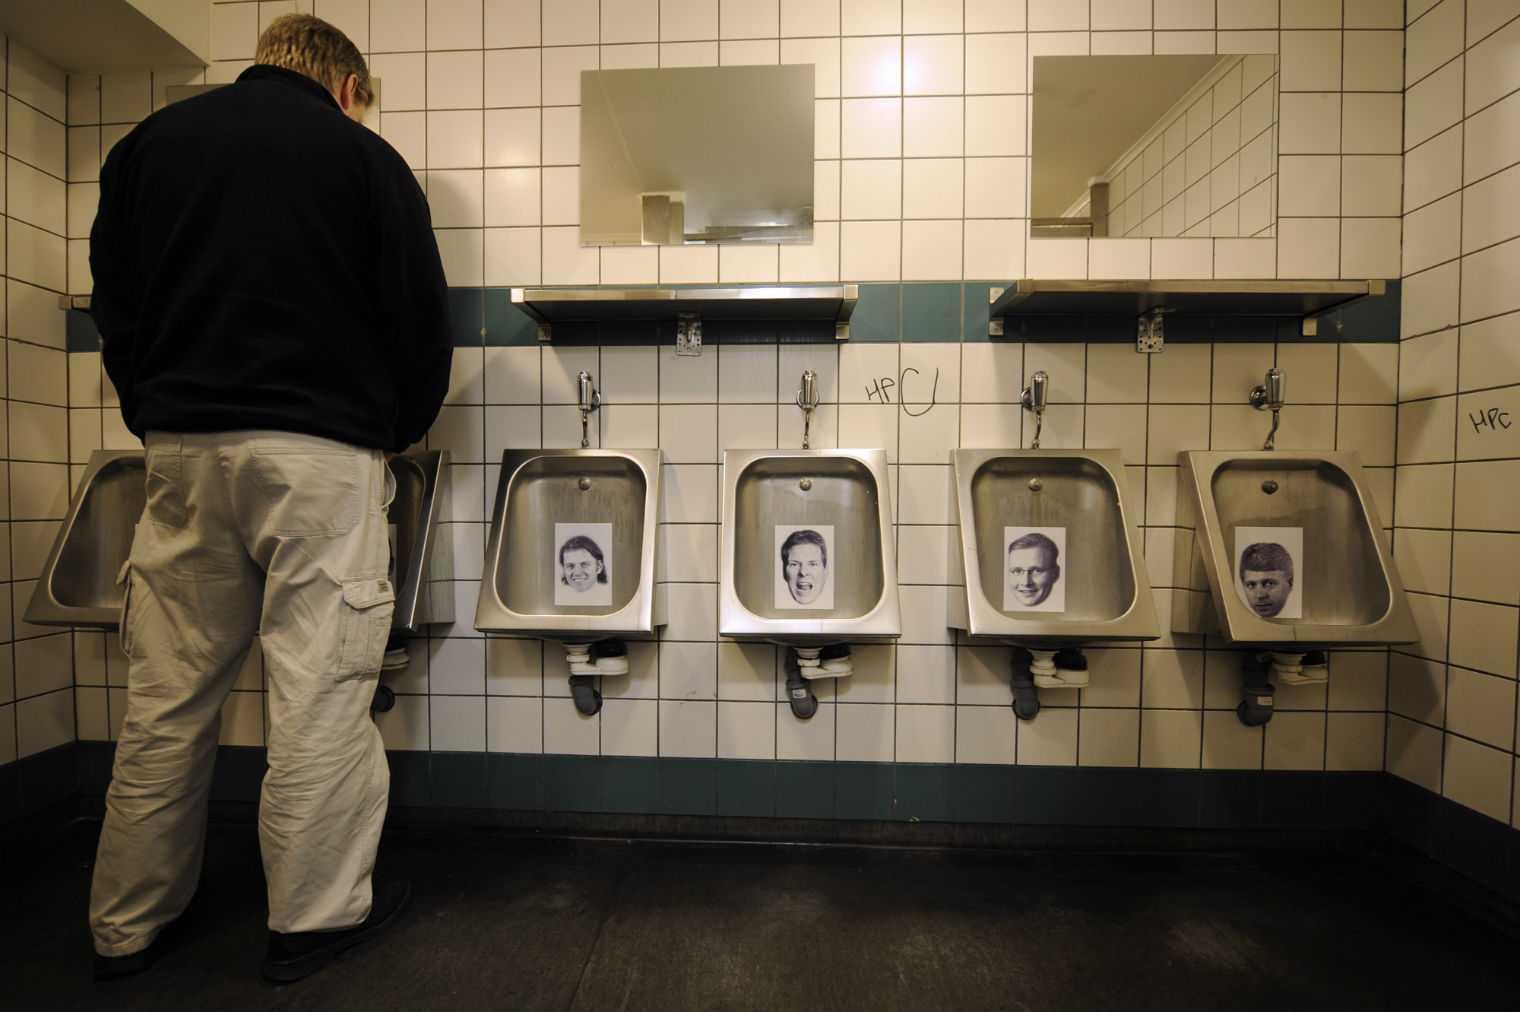 Các chủ ngân hàng có vai trò trong cuộc khủng hoảng tài chính 2008 bị dán ảnh trong bồn cầu ở các nhà vệ sinh công cộng tại Iceland.